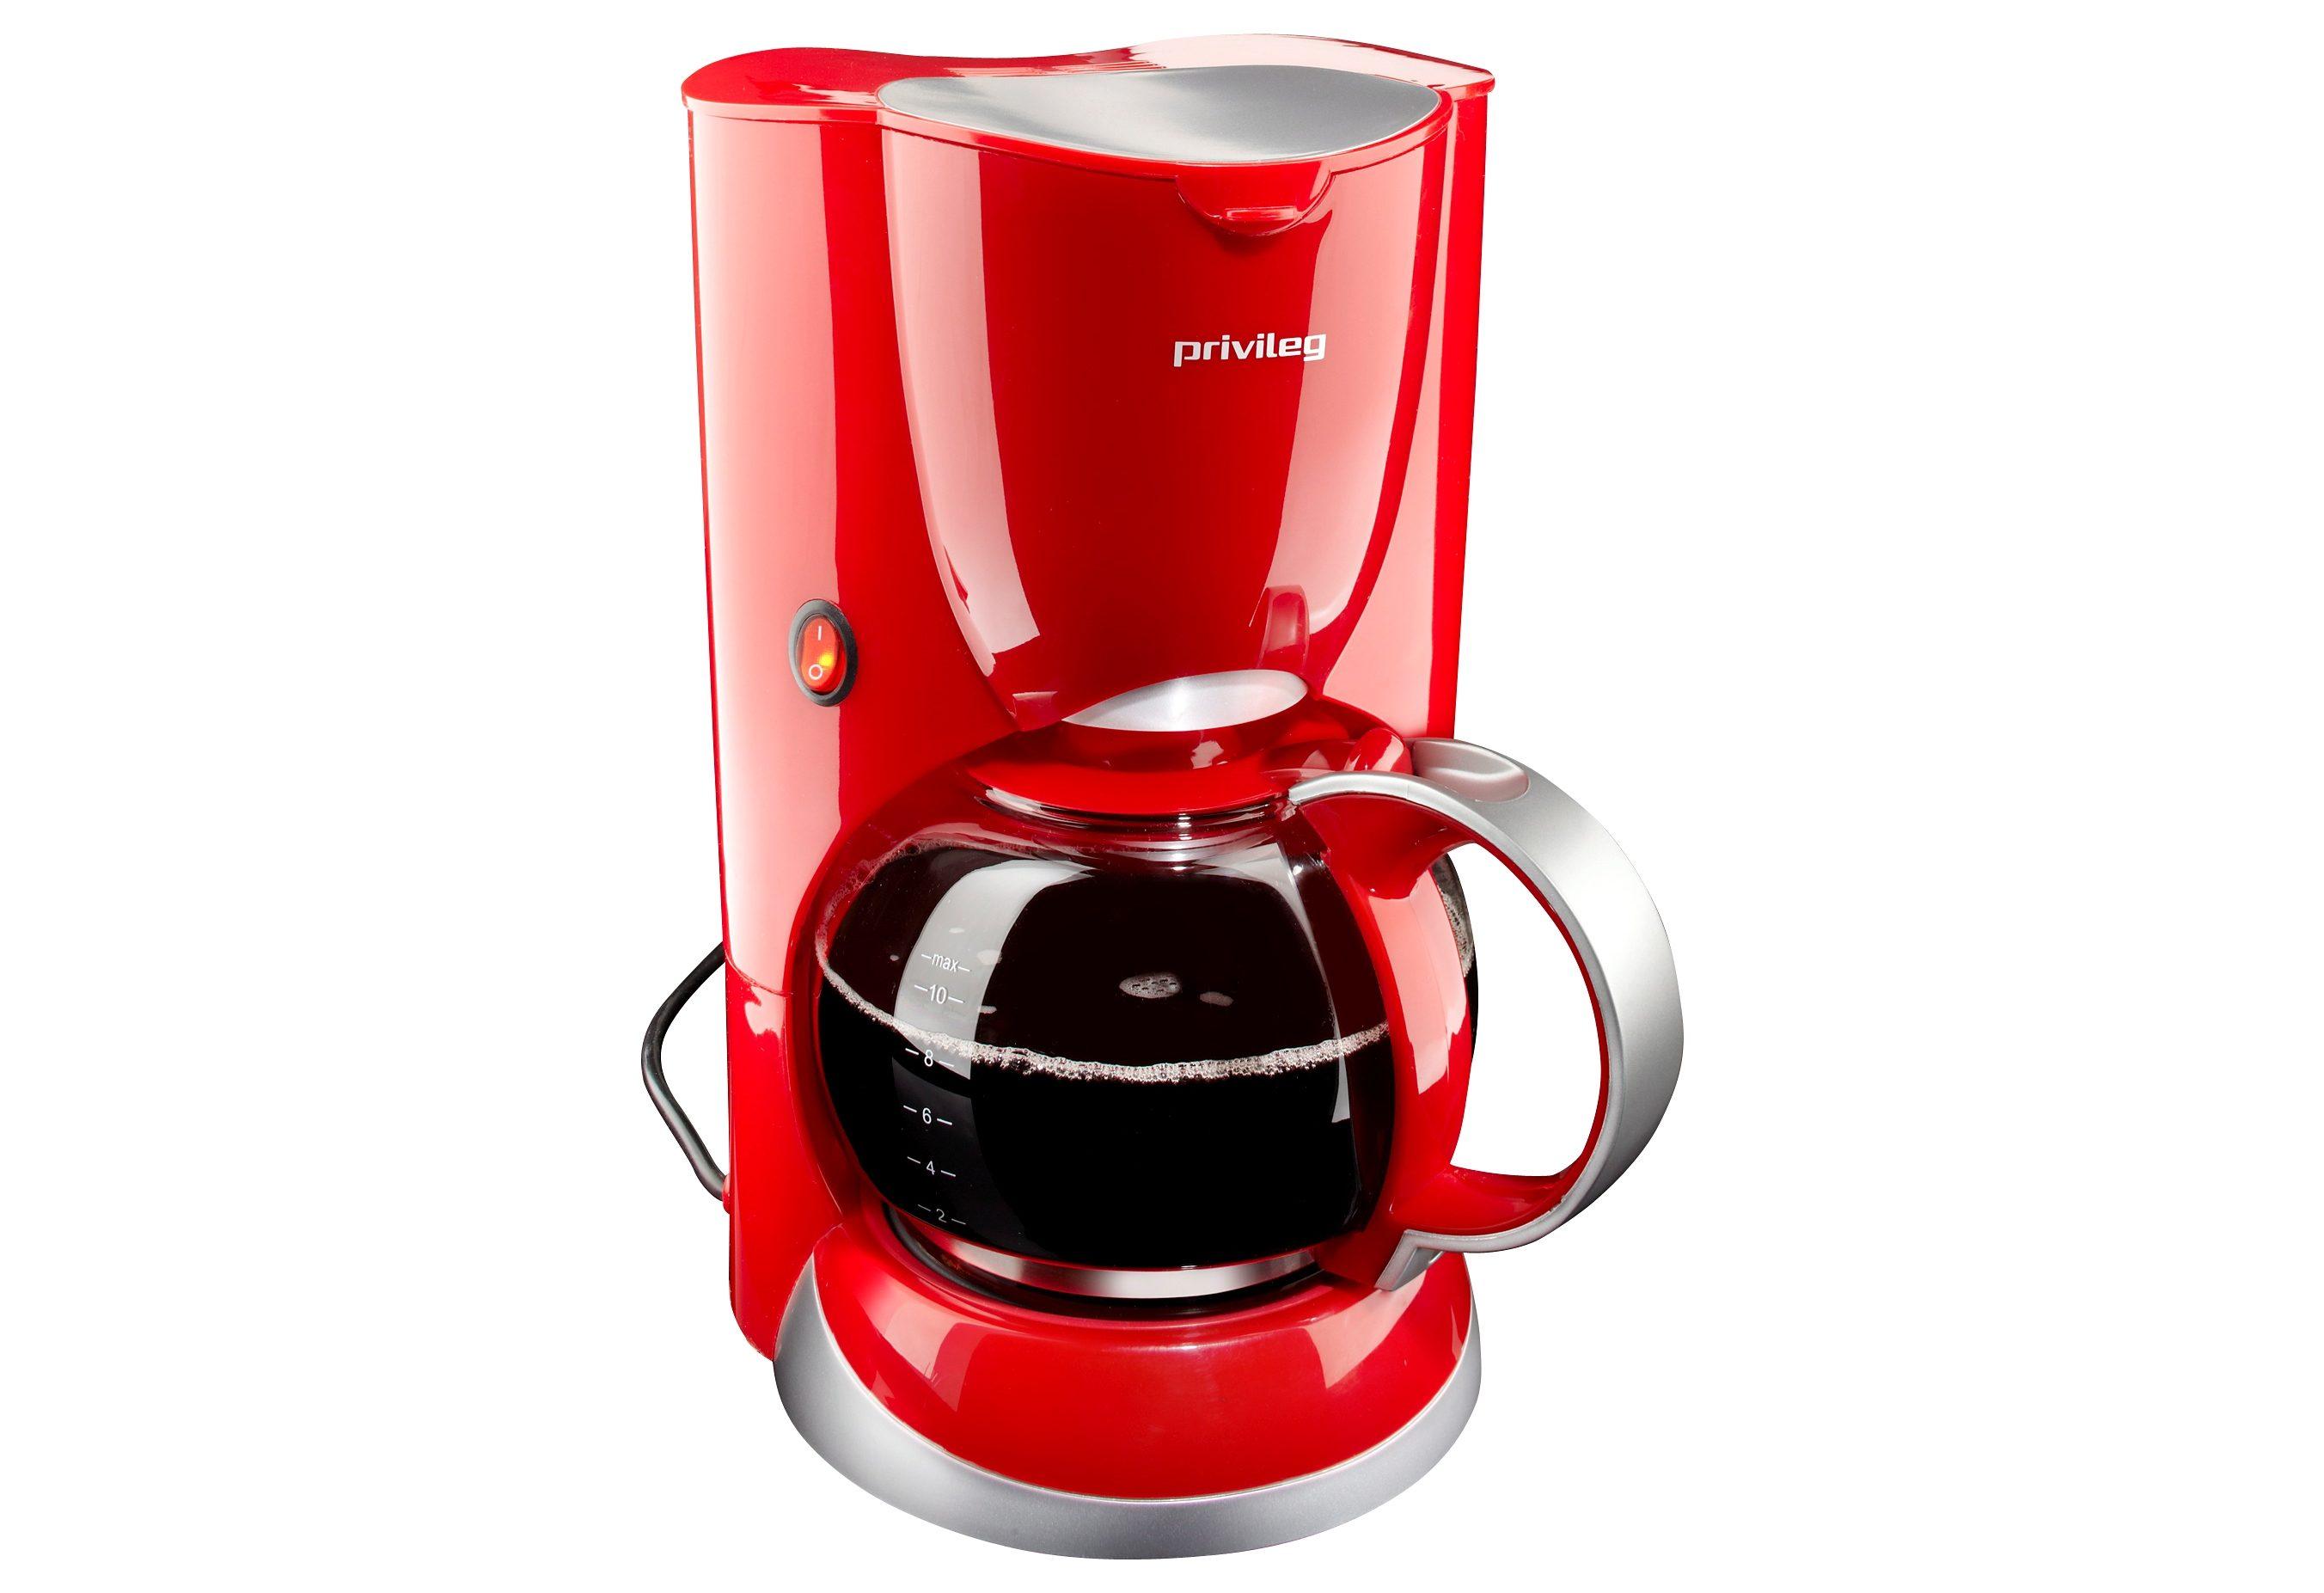 Privileg Filterkaffeemaschine Max. 1080 Watt, 1,37l Kaffeekanne, Papierfilter 1x4